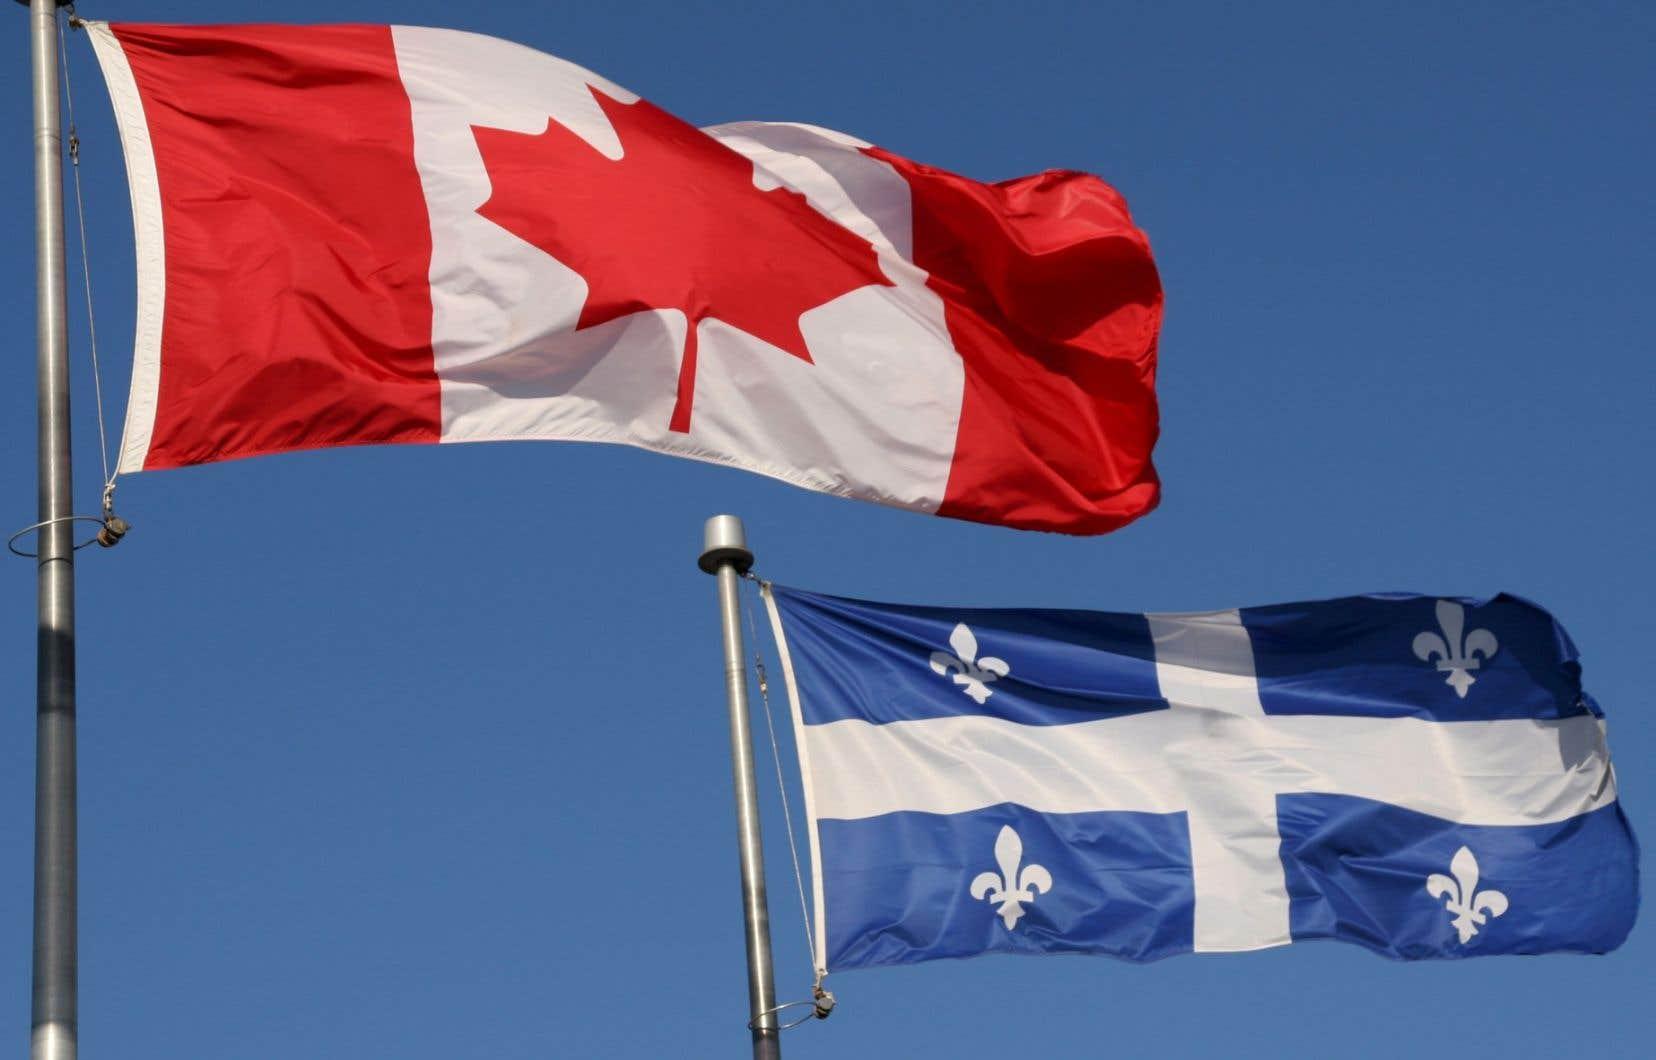 Les données de Statistique Canada indiquent que le Québec est responsable de 74% de toute la croissance du bilinguisme au Canada au cours des dix années précédentes.